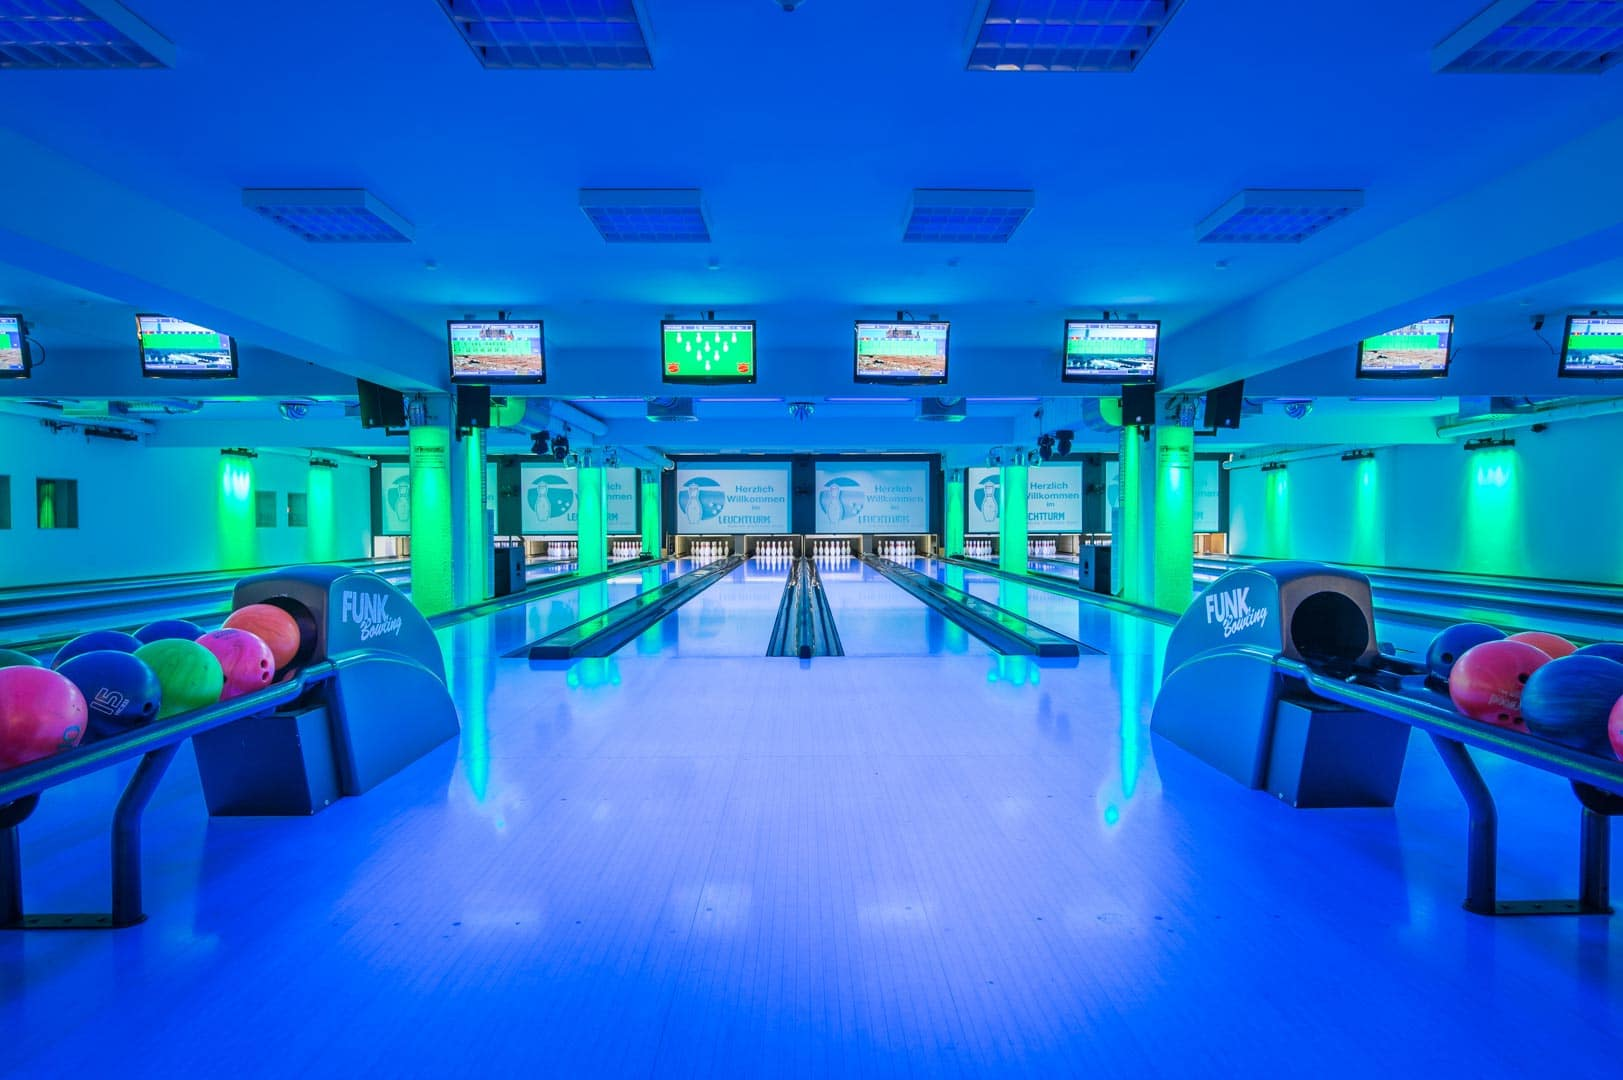 Lichtspektakel von Funk Bowling